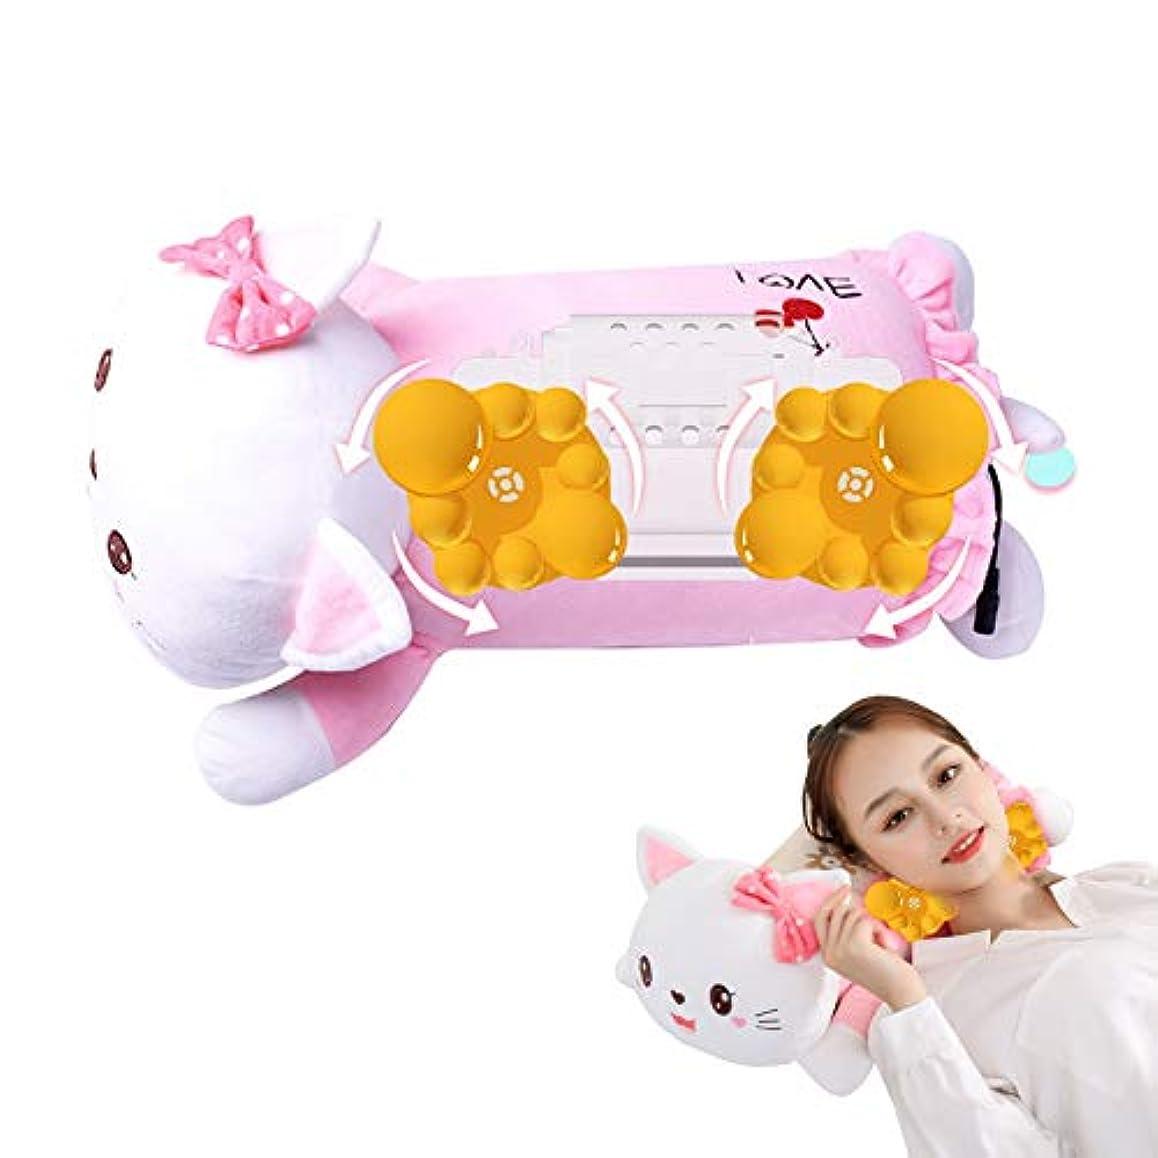 さらに商人立証する首と背中のマッサージ、赤外線暖房電気子猫枕、ミュートは時限多機能腰椎クッション混練マッサージャーすることができます